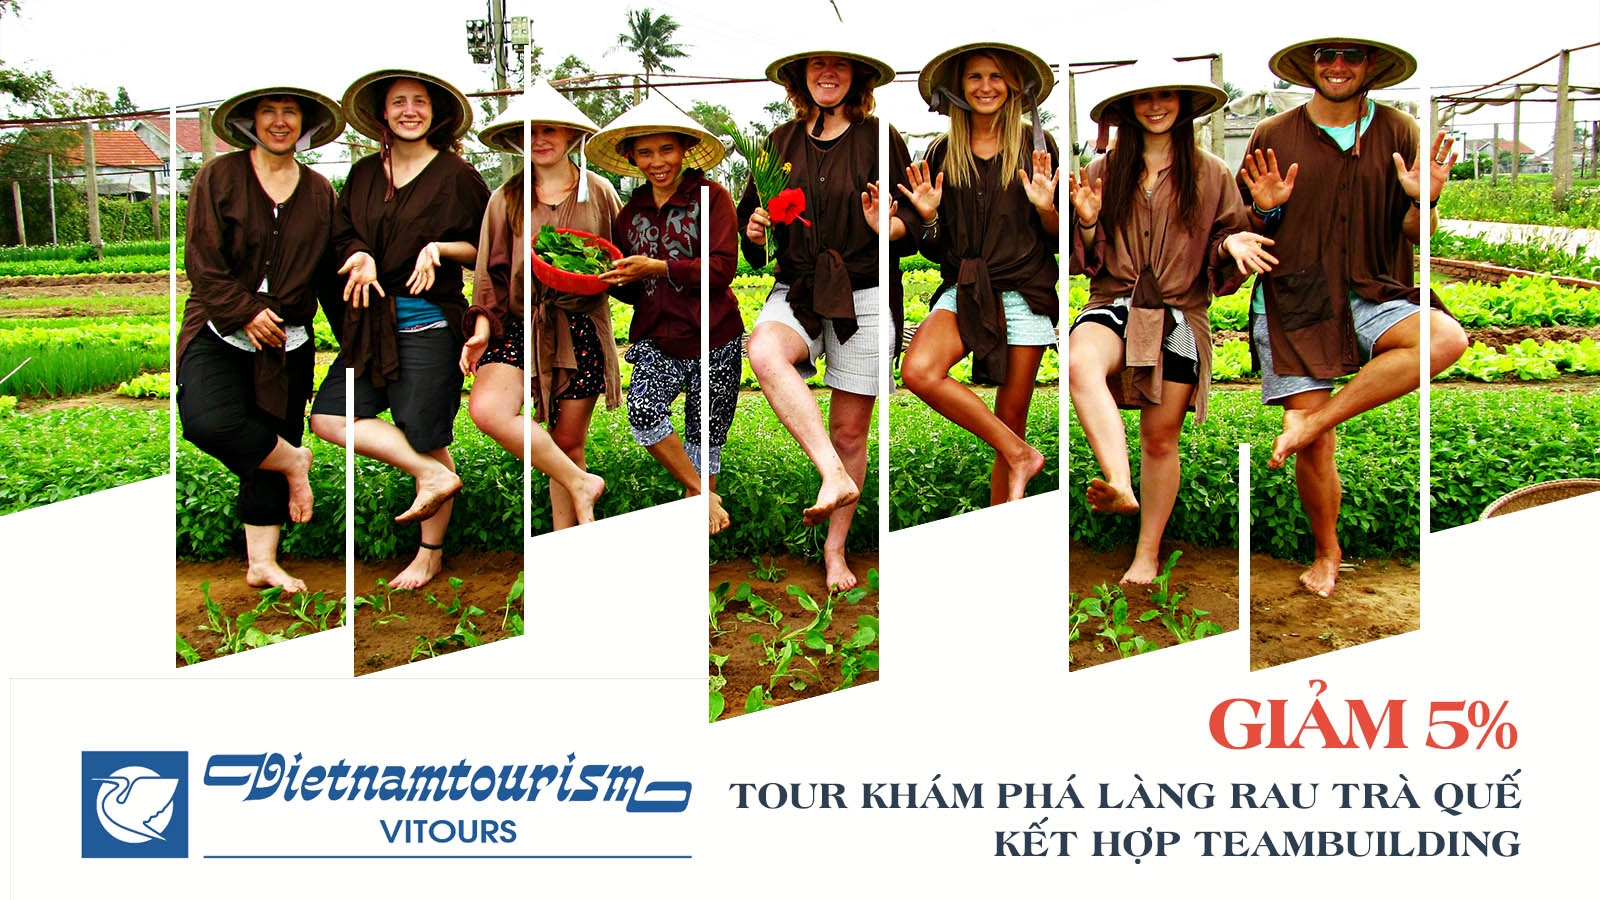 Vitours   Giảm 5% Tour khám phá làng rau Trà Quế kết hợp team building 1